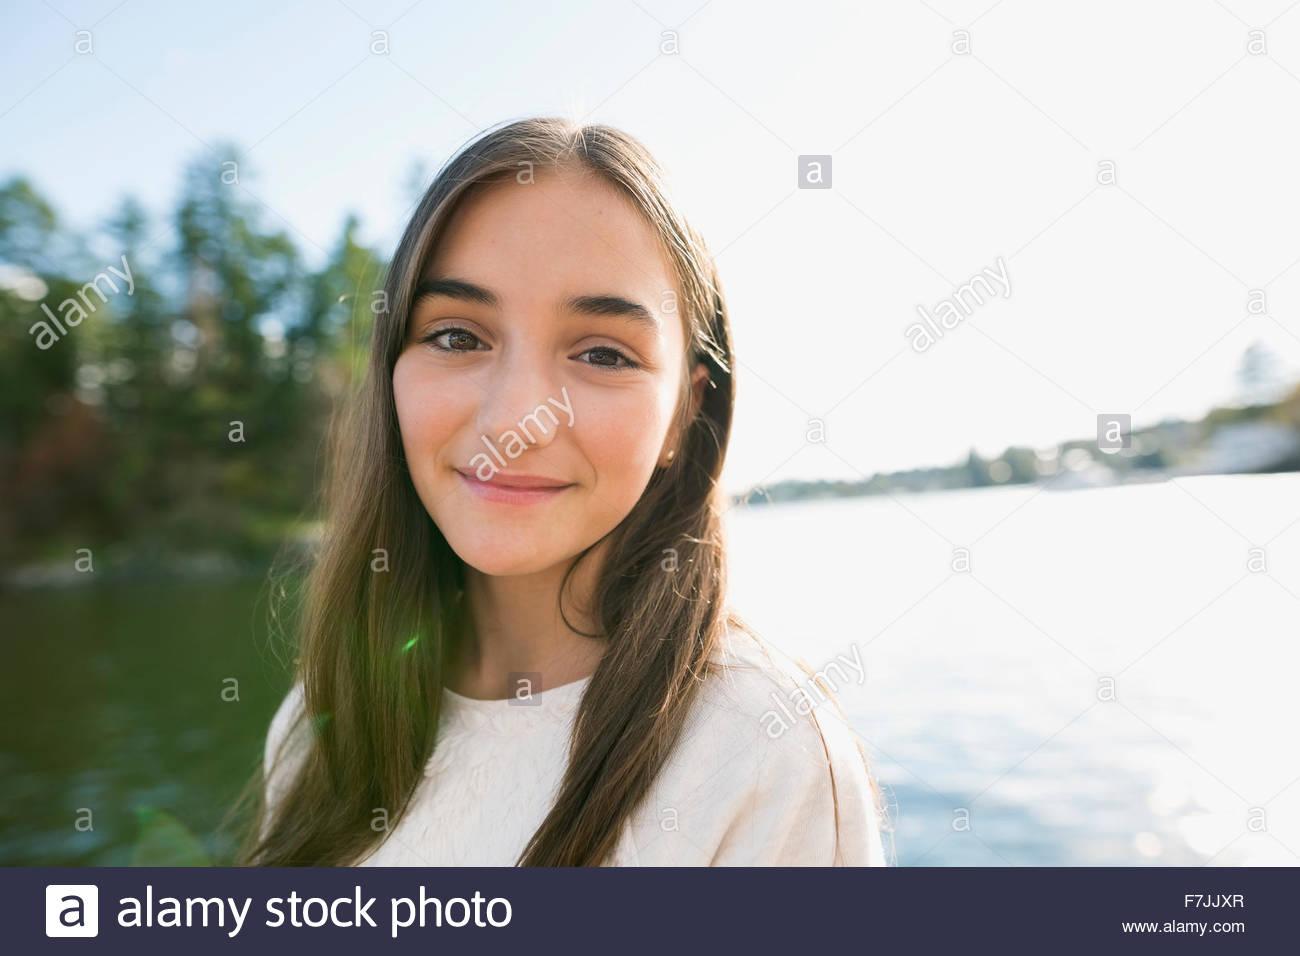 Portrait smiling brunette girl at lakeside Photo Stock